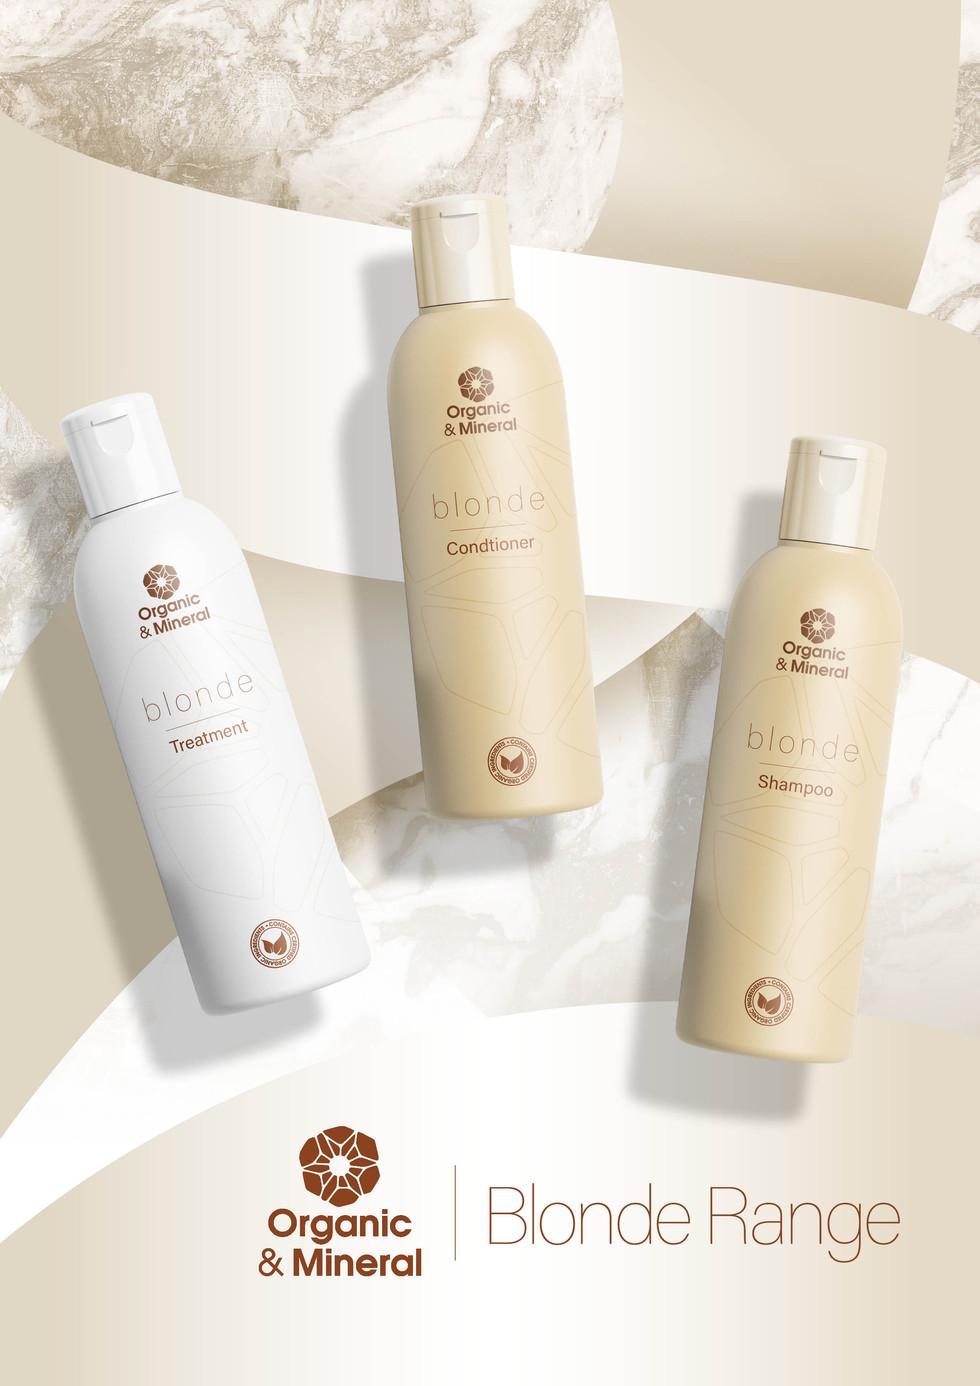 blonde range a4 poster bottles.jpg